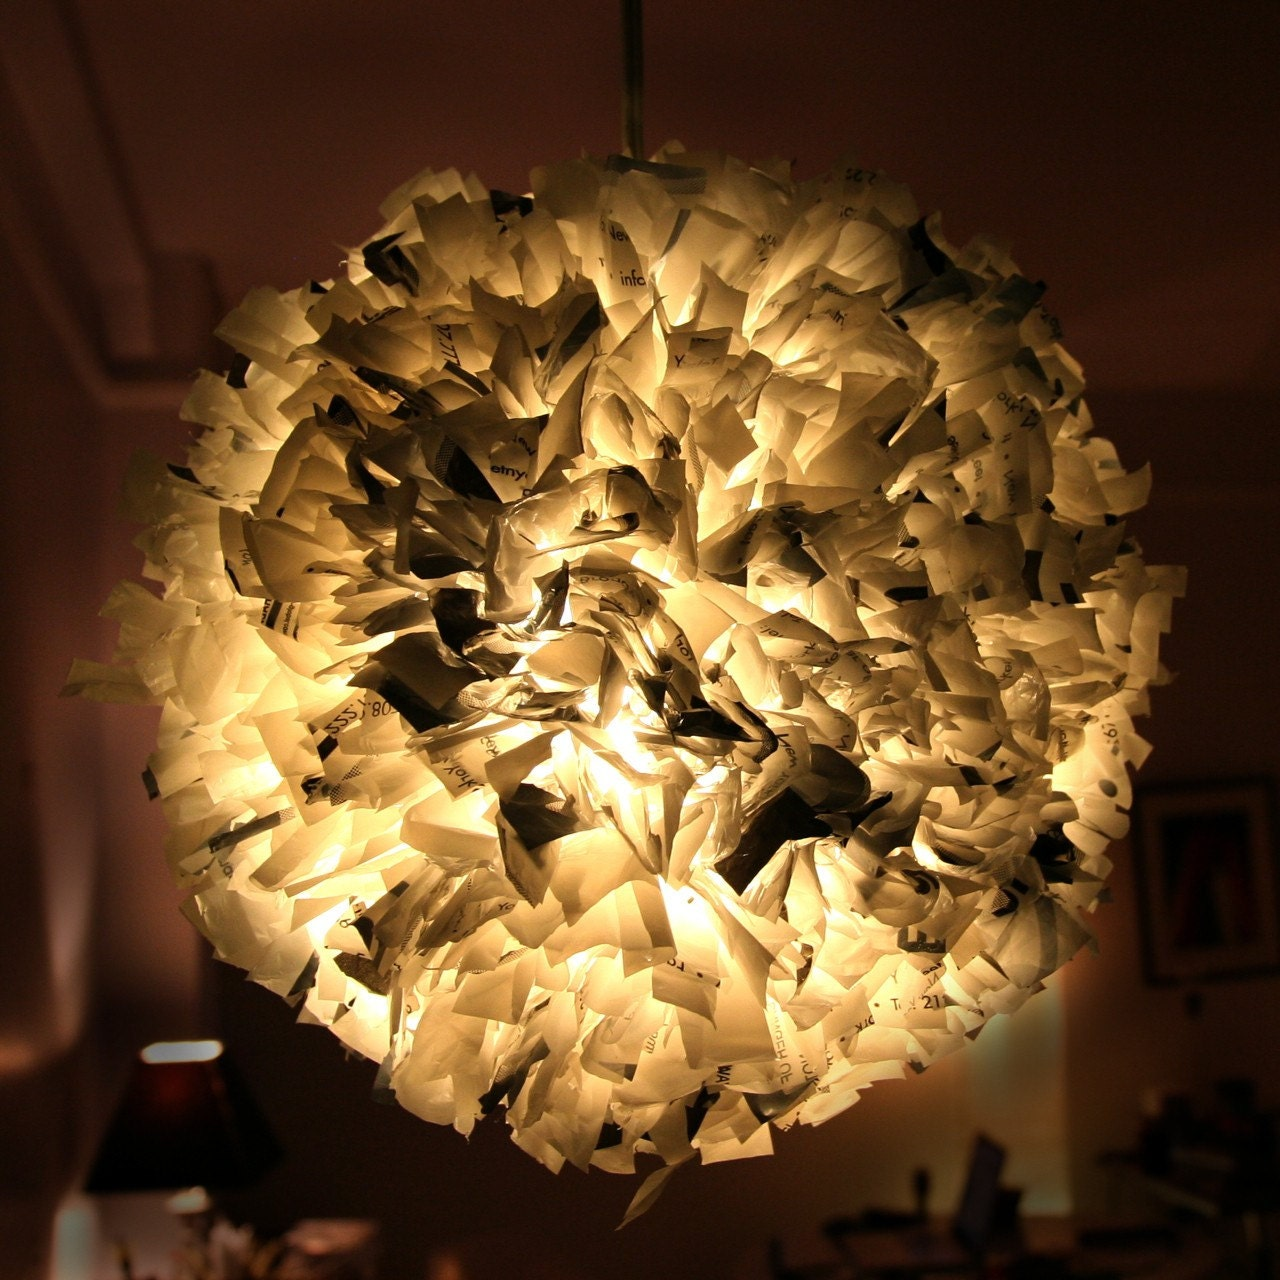 Пластиковые лампы Подвеска Сумка - Уникальные Экологичный свет